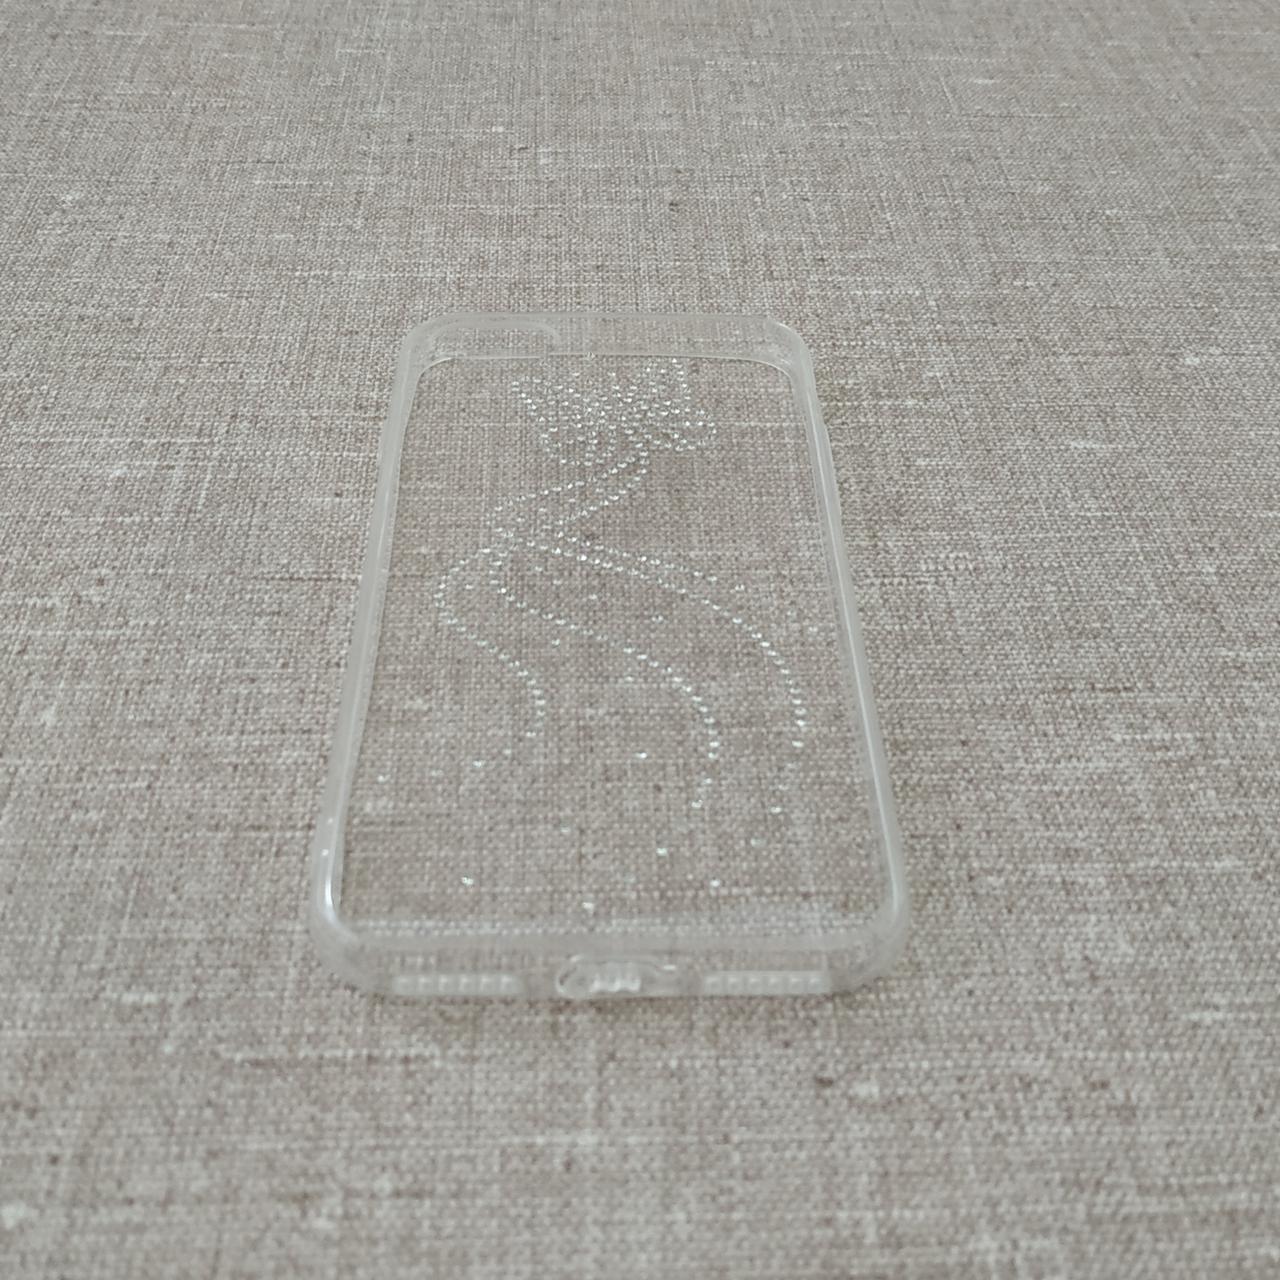 Silicon Diamond Younicou iPhone 7